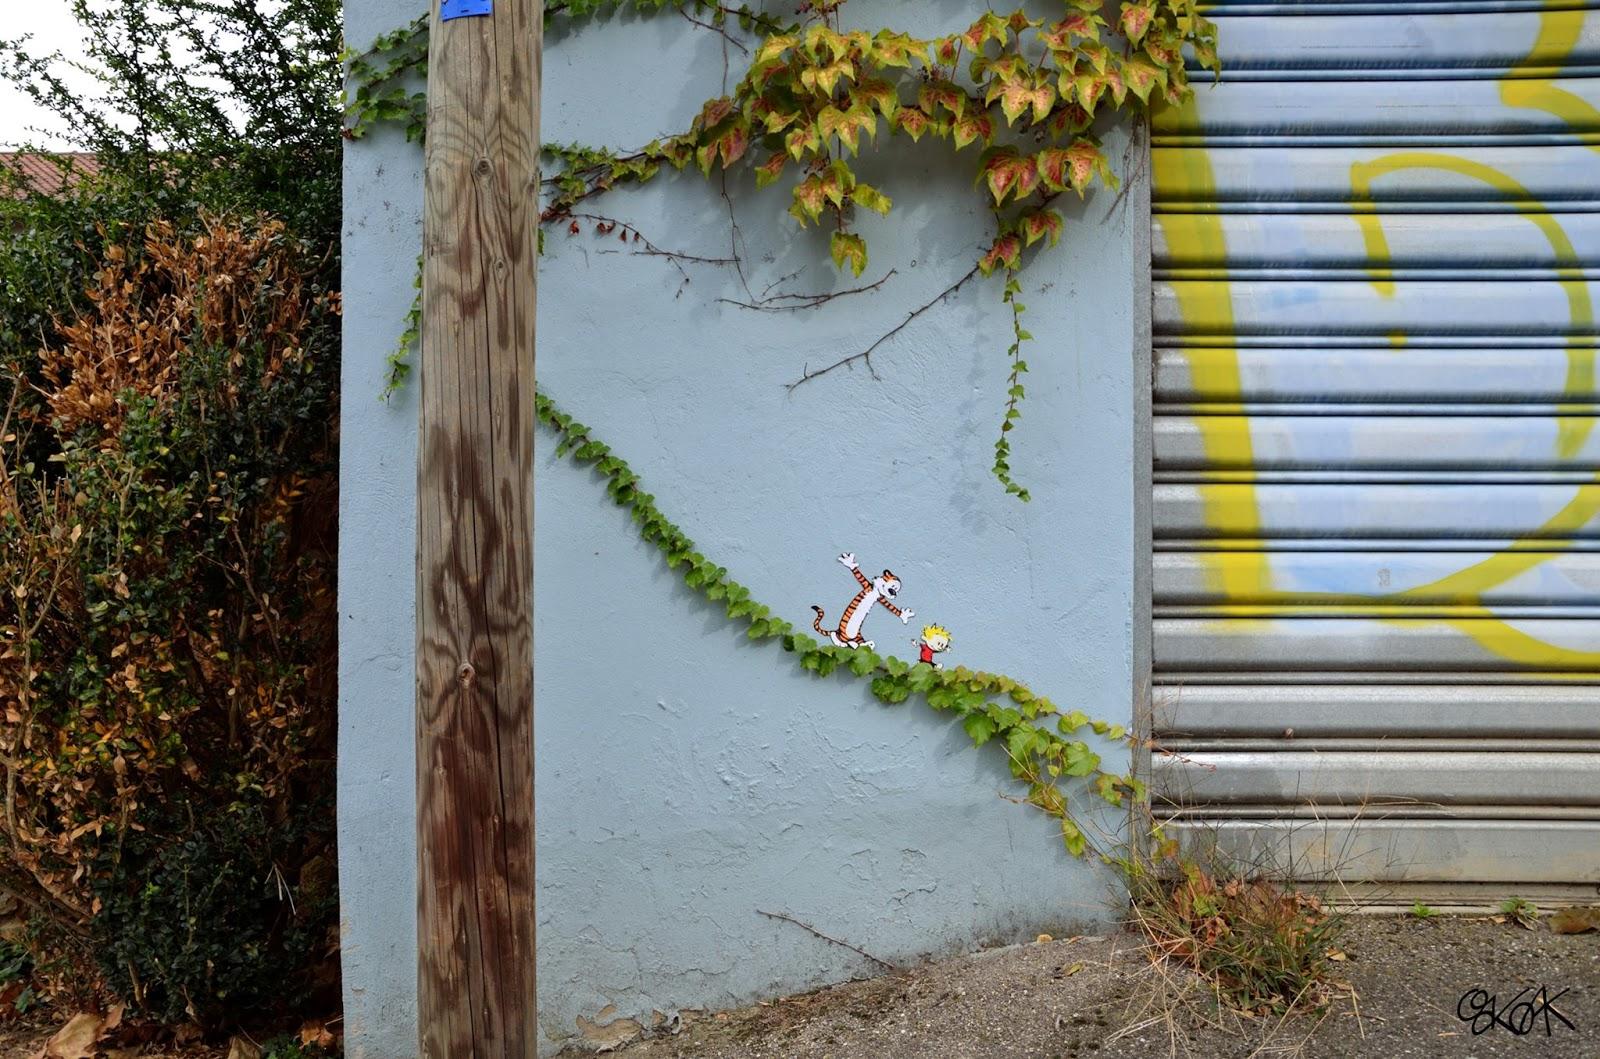 Arte Urbano - Aprovechando la enredadera para caminar